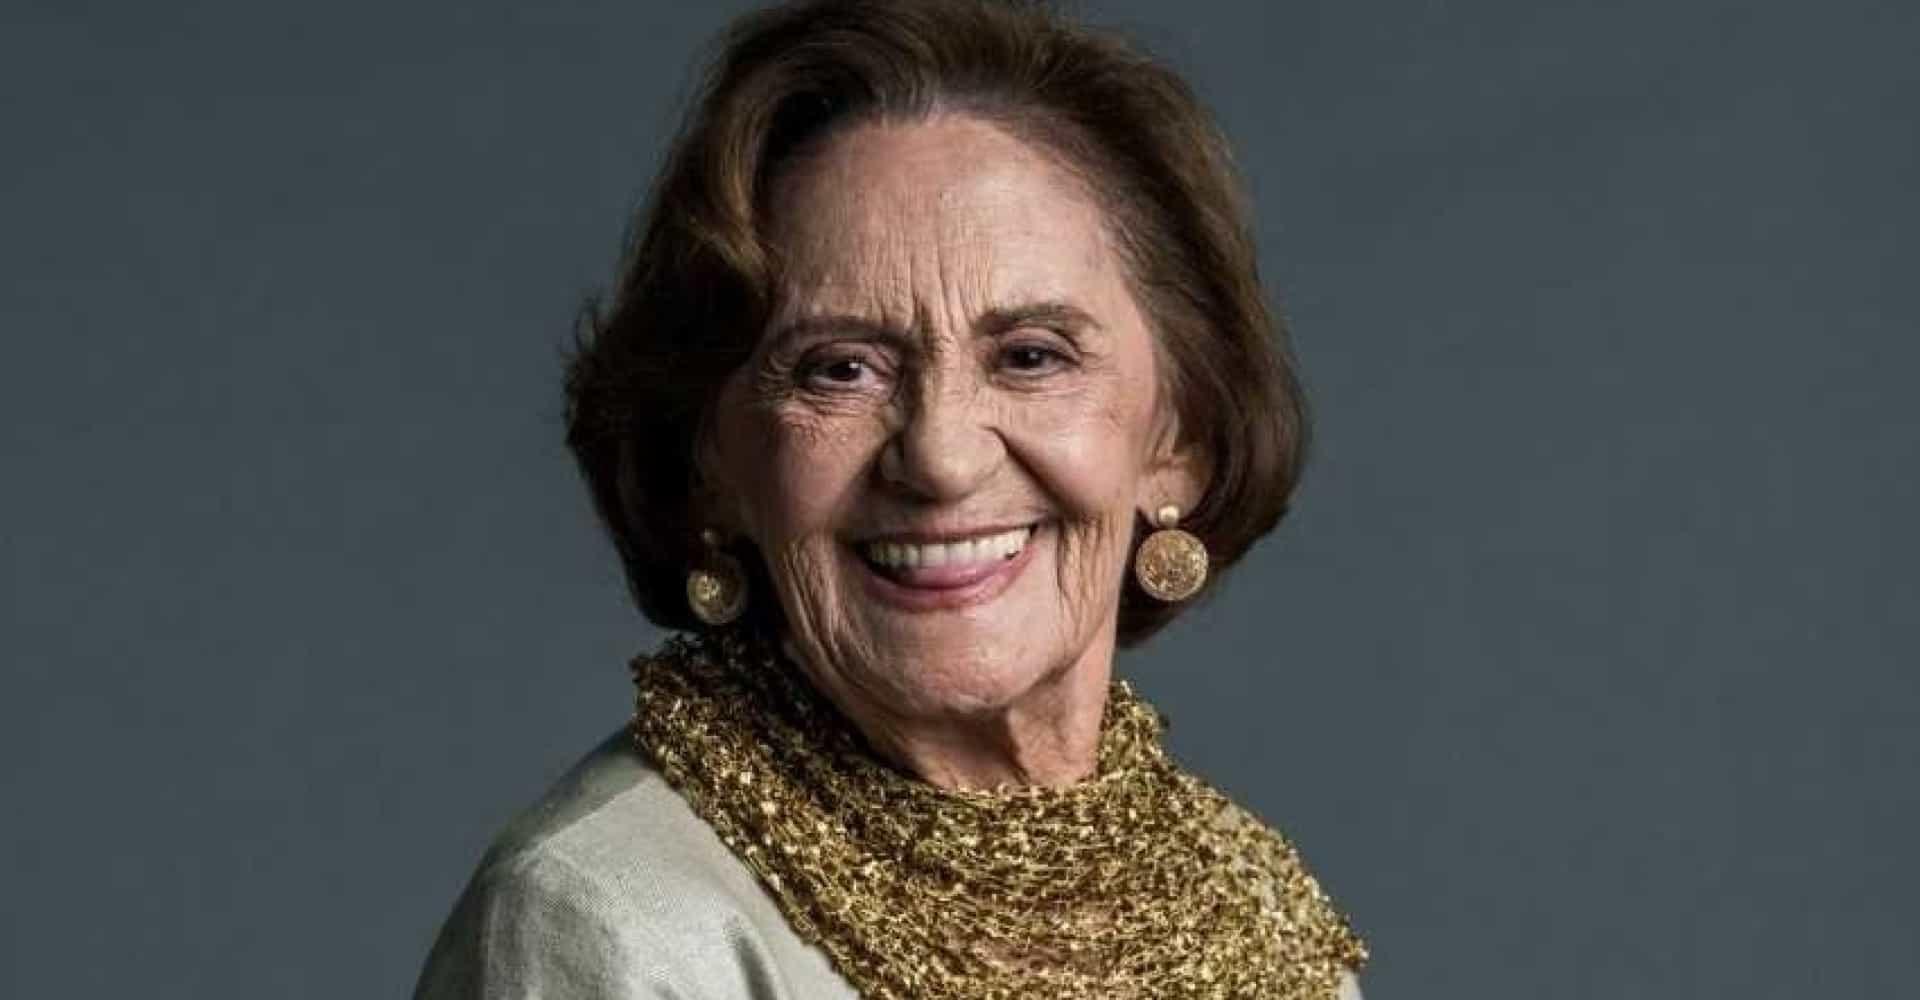 Laura Cardoso é uma atriz veterana da Globo e estará no elenco de A Dona do Pedaço